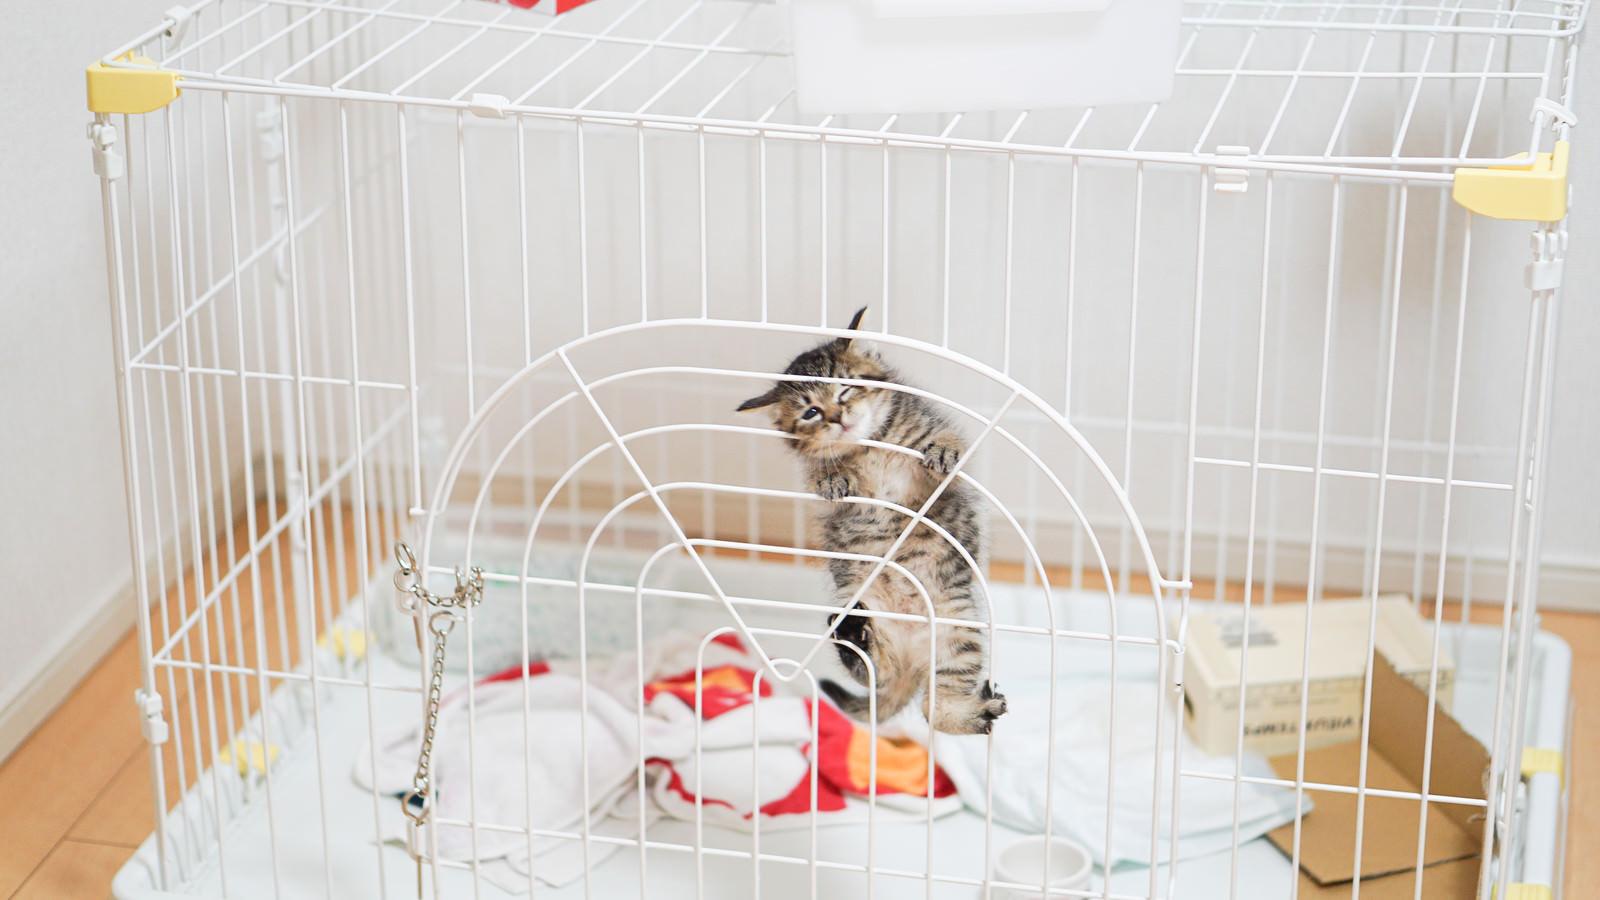 「ゲージから出してくれと必死の子猫氏」の写真